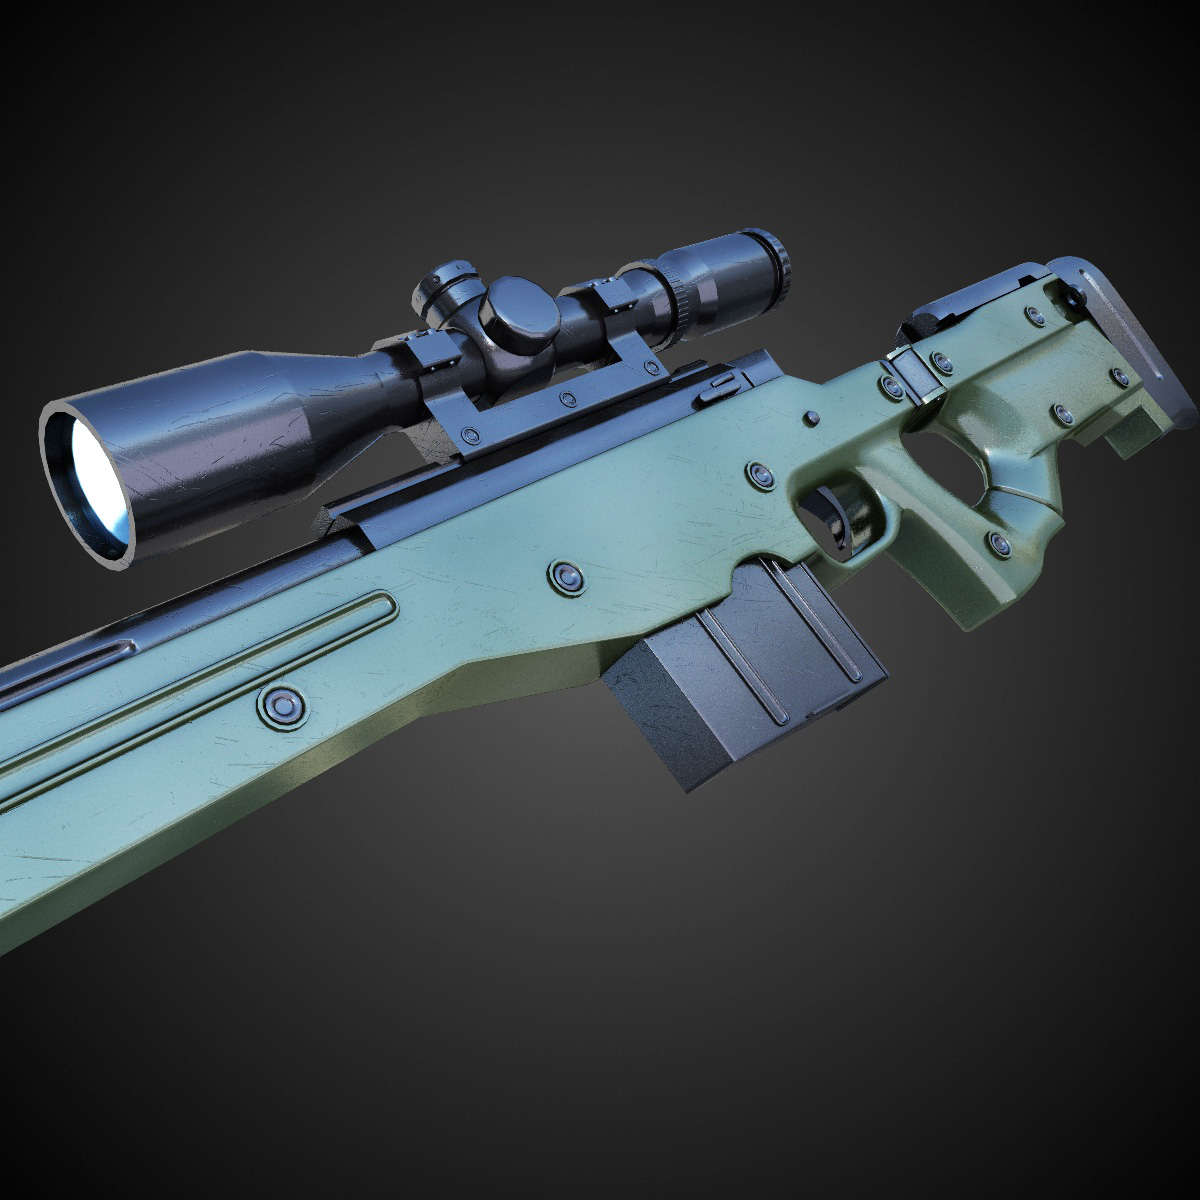 magnum sniper rifle - HD1200×1200